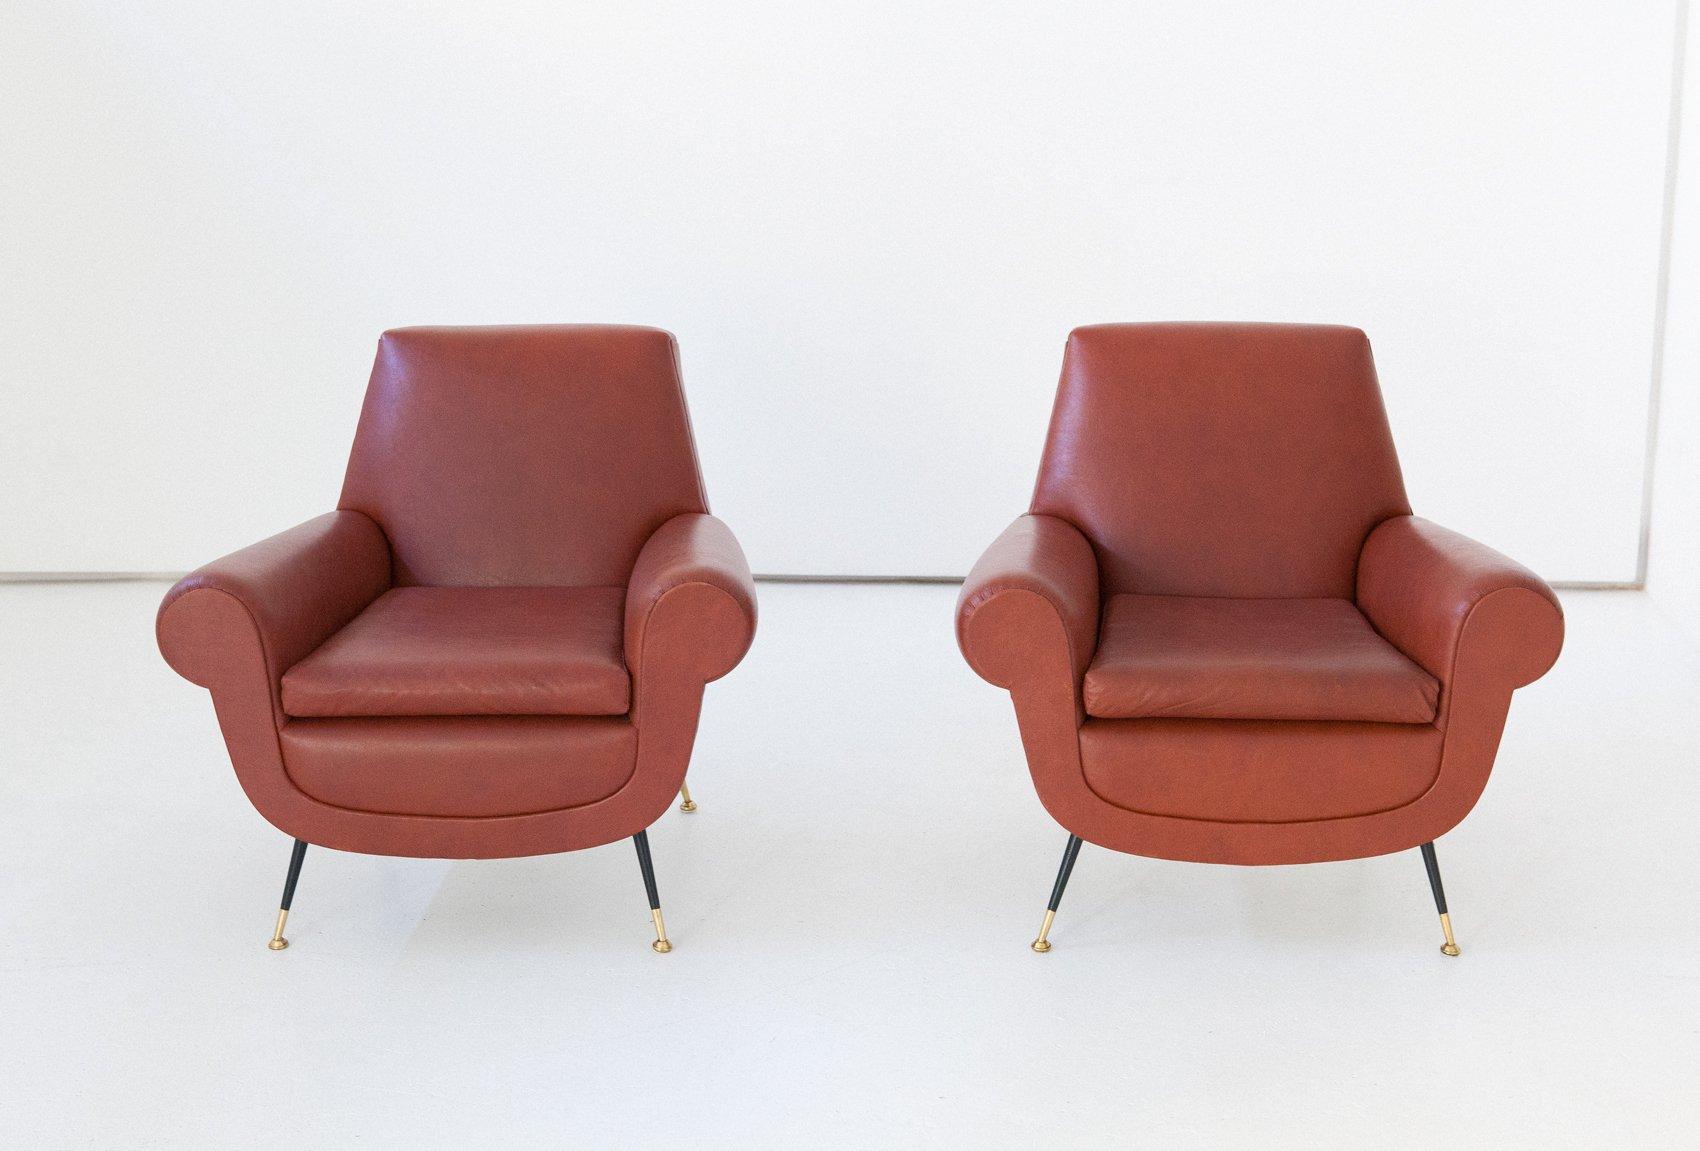 italienische sessel aus kunstleder von gigi radice f r minotti 1950er 2er set bei pamono kaufen. Black Bedroom Furniture Sets. Home Design Ideas